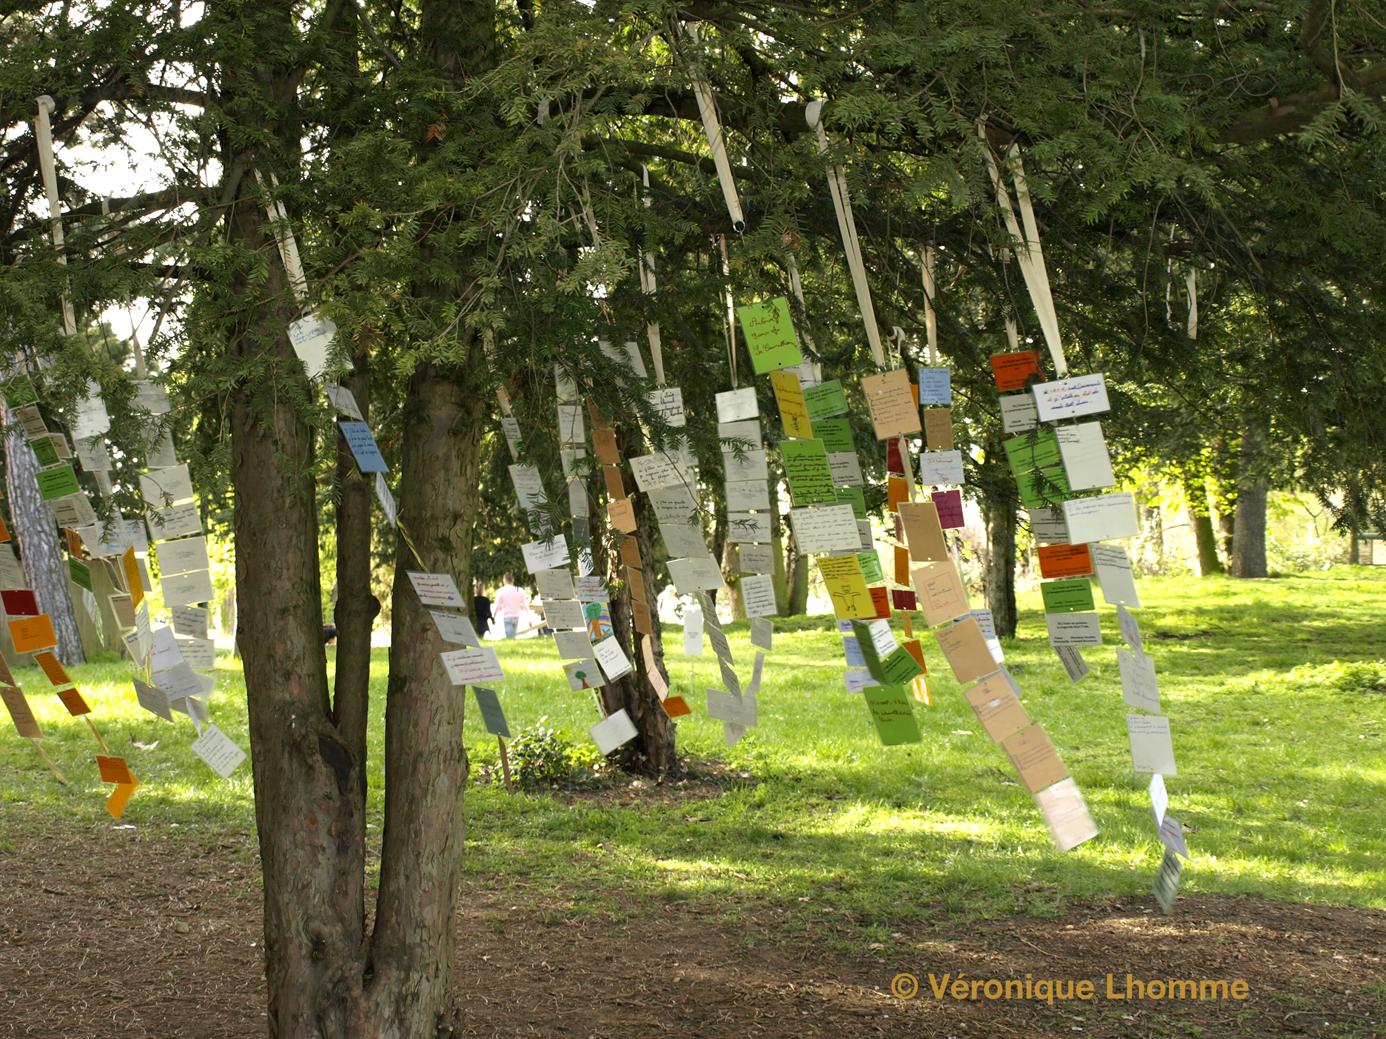 l'arbre à palabres dans le vent : VL, poèmes  biodiversité à paris / paris label 2010